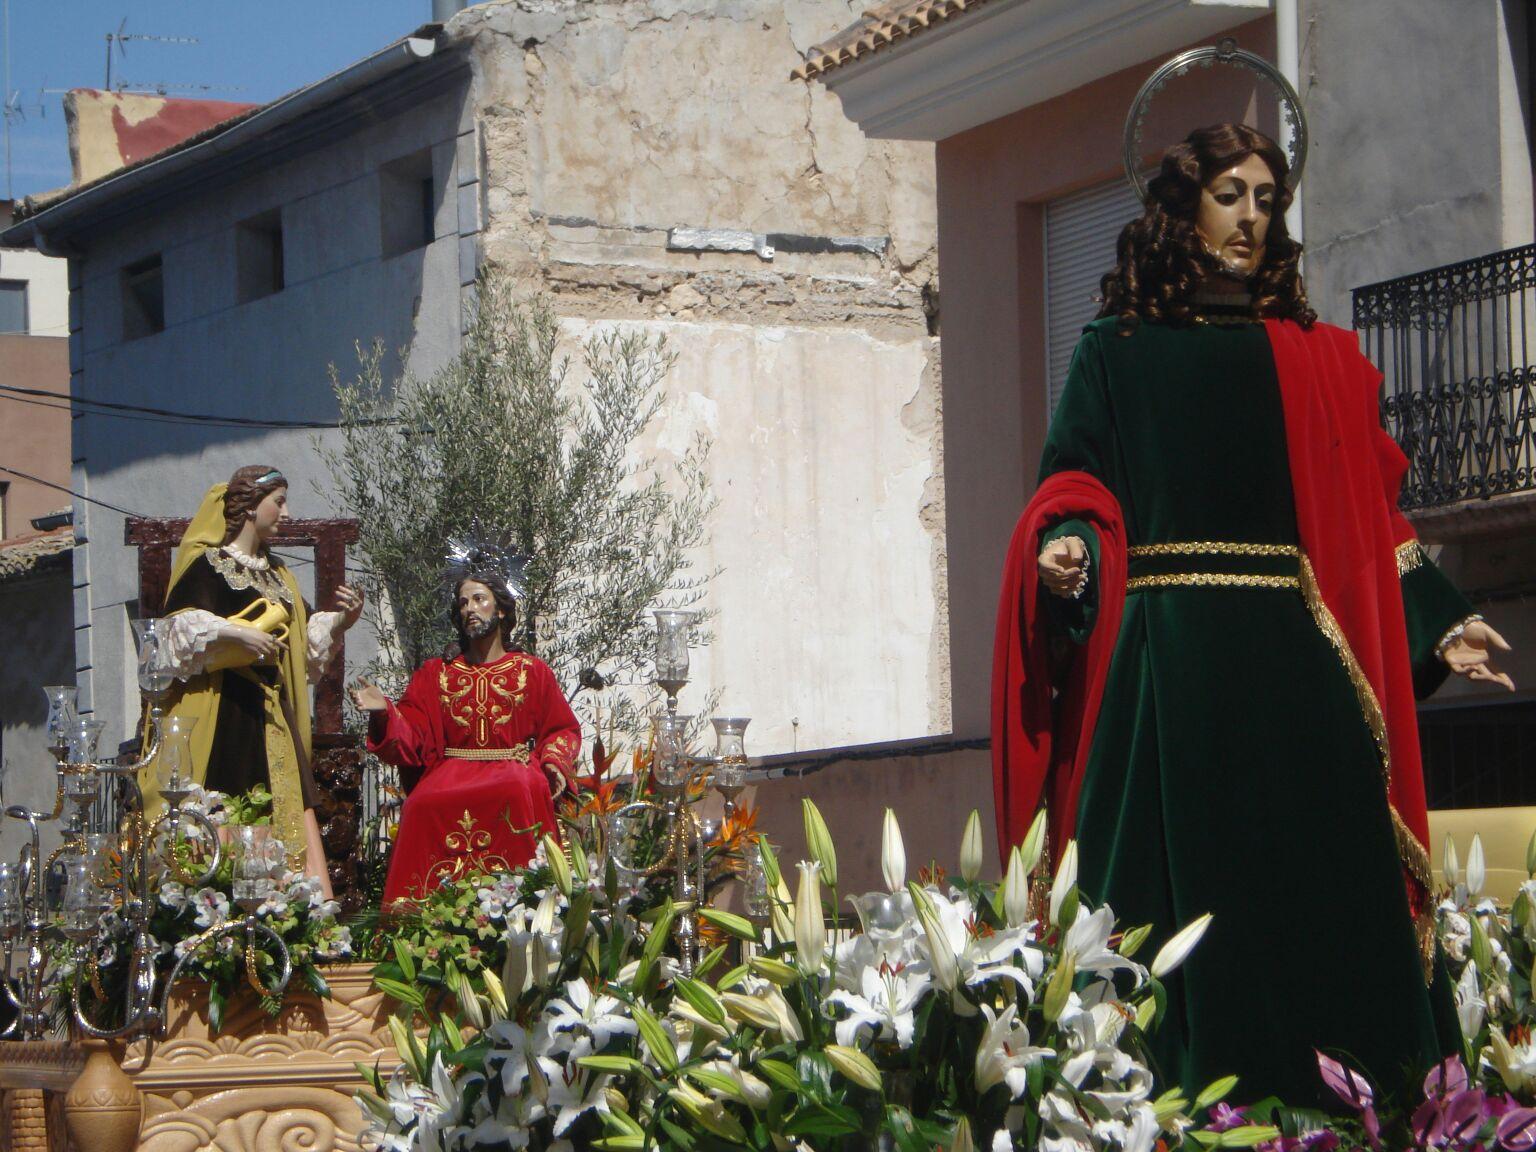 San Juan y Samaritana.